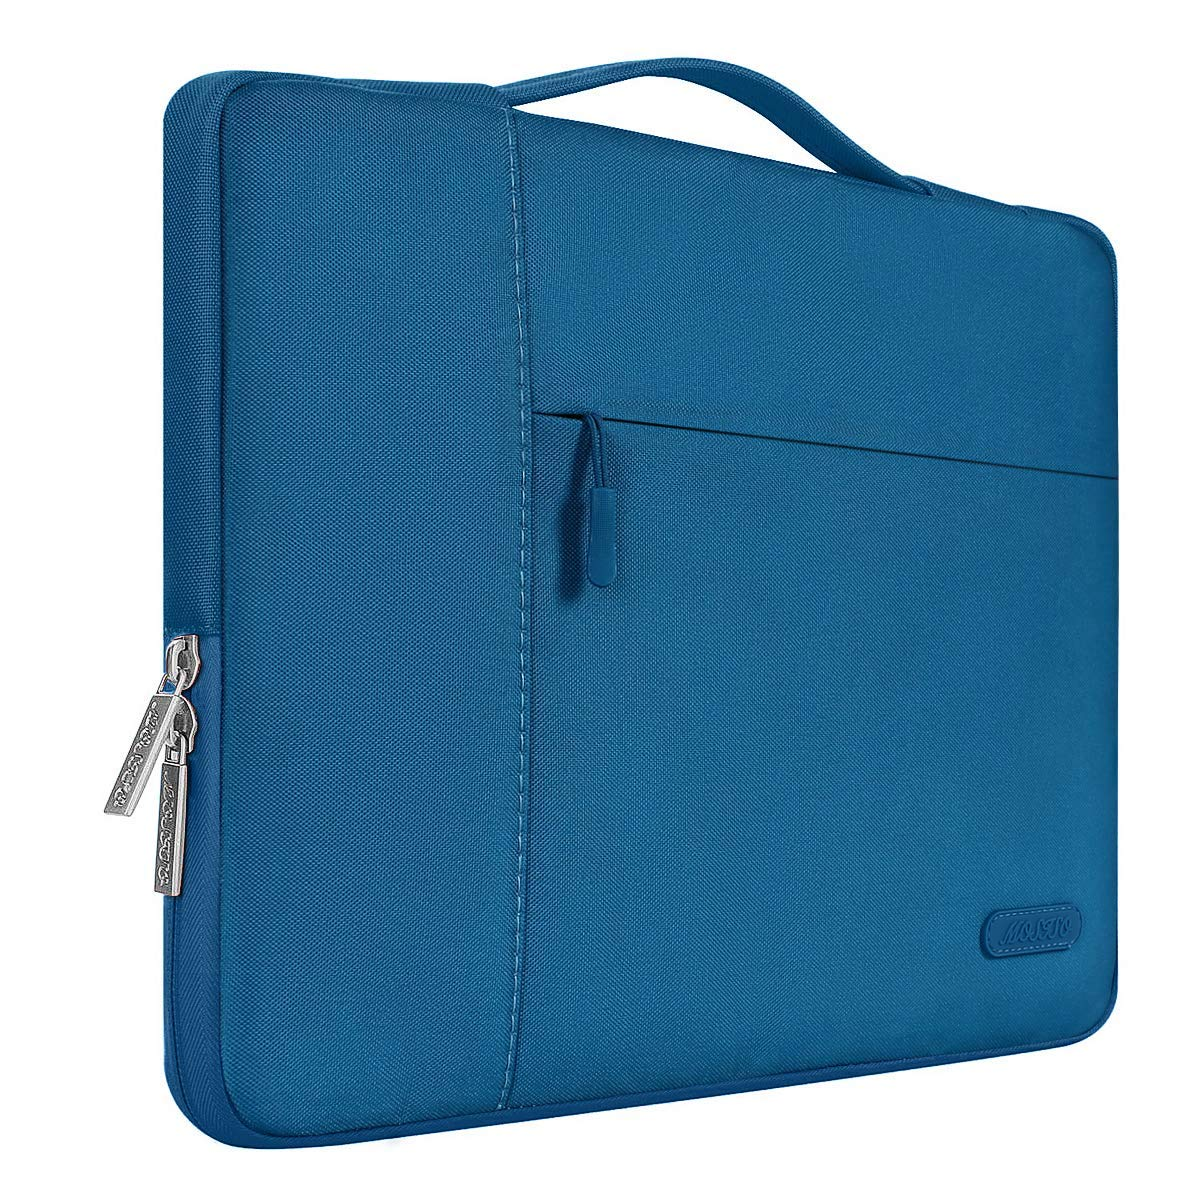 Funda Para Laptop de 13-13.3 Inch - lago azul - Mosiso